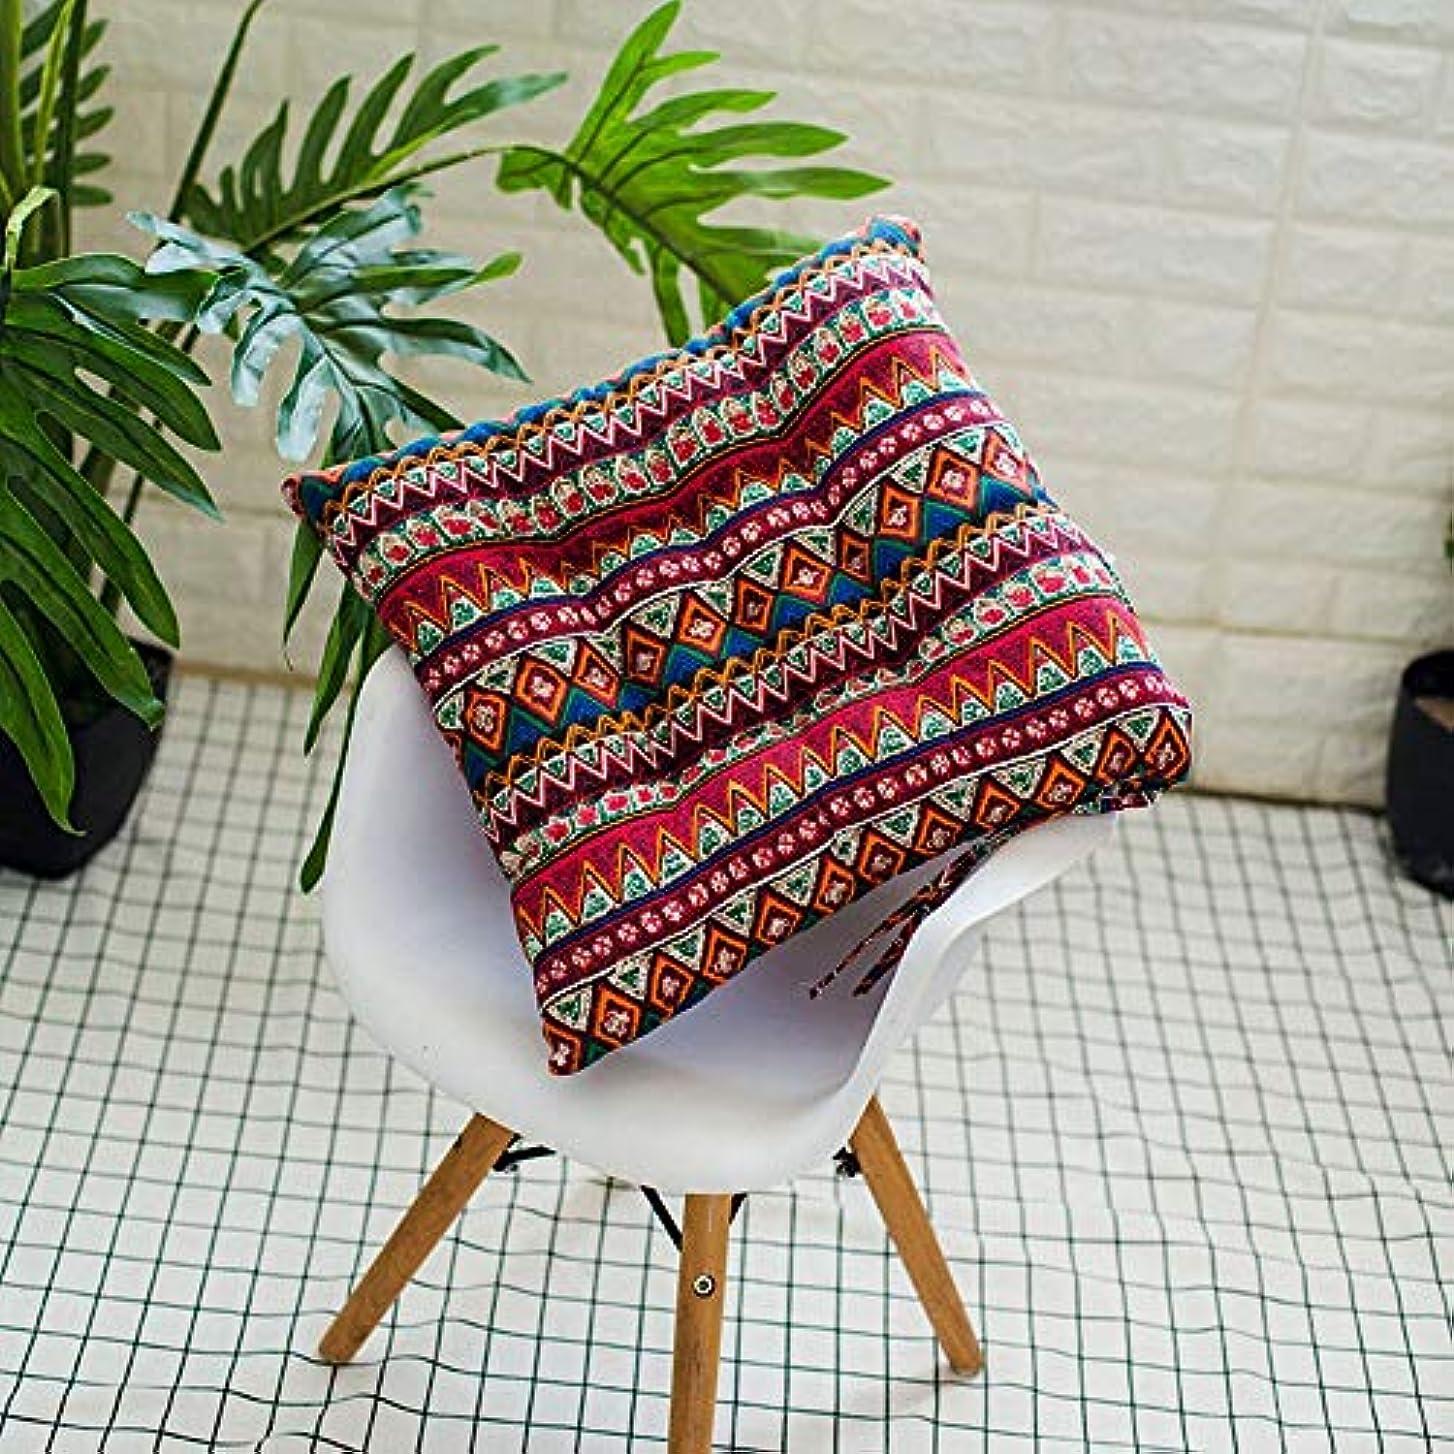 糞膿瘍消すSMART 屋外ガーデンパティオ家庭の台所オフィスソファ座椅子ソフトクッションパッドホームセンター素敵なパッテン新スタイルの低下の船 # B5 クッション 椅子